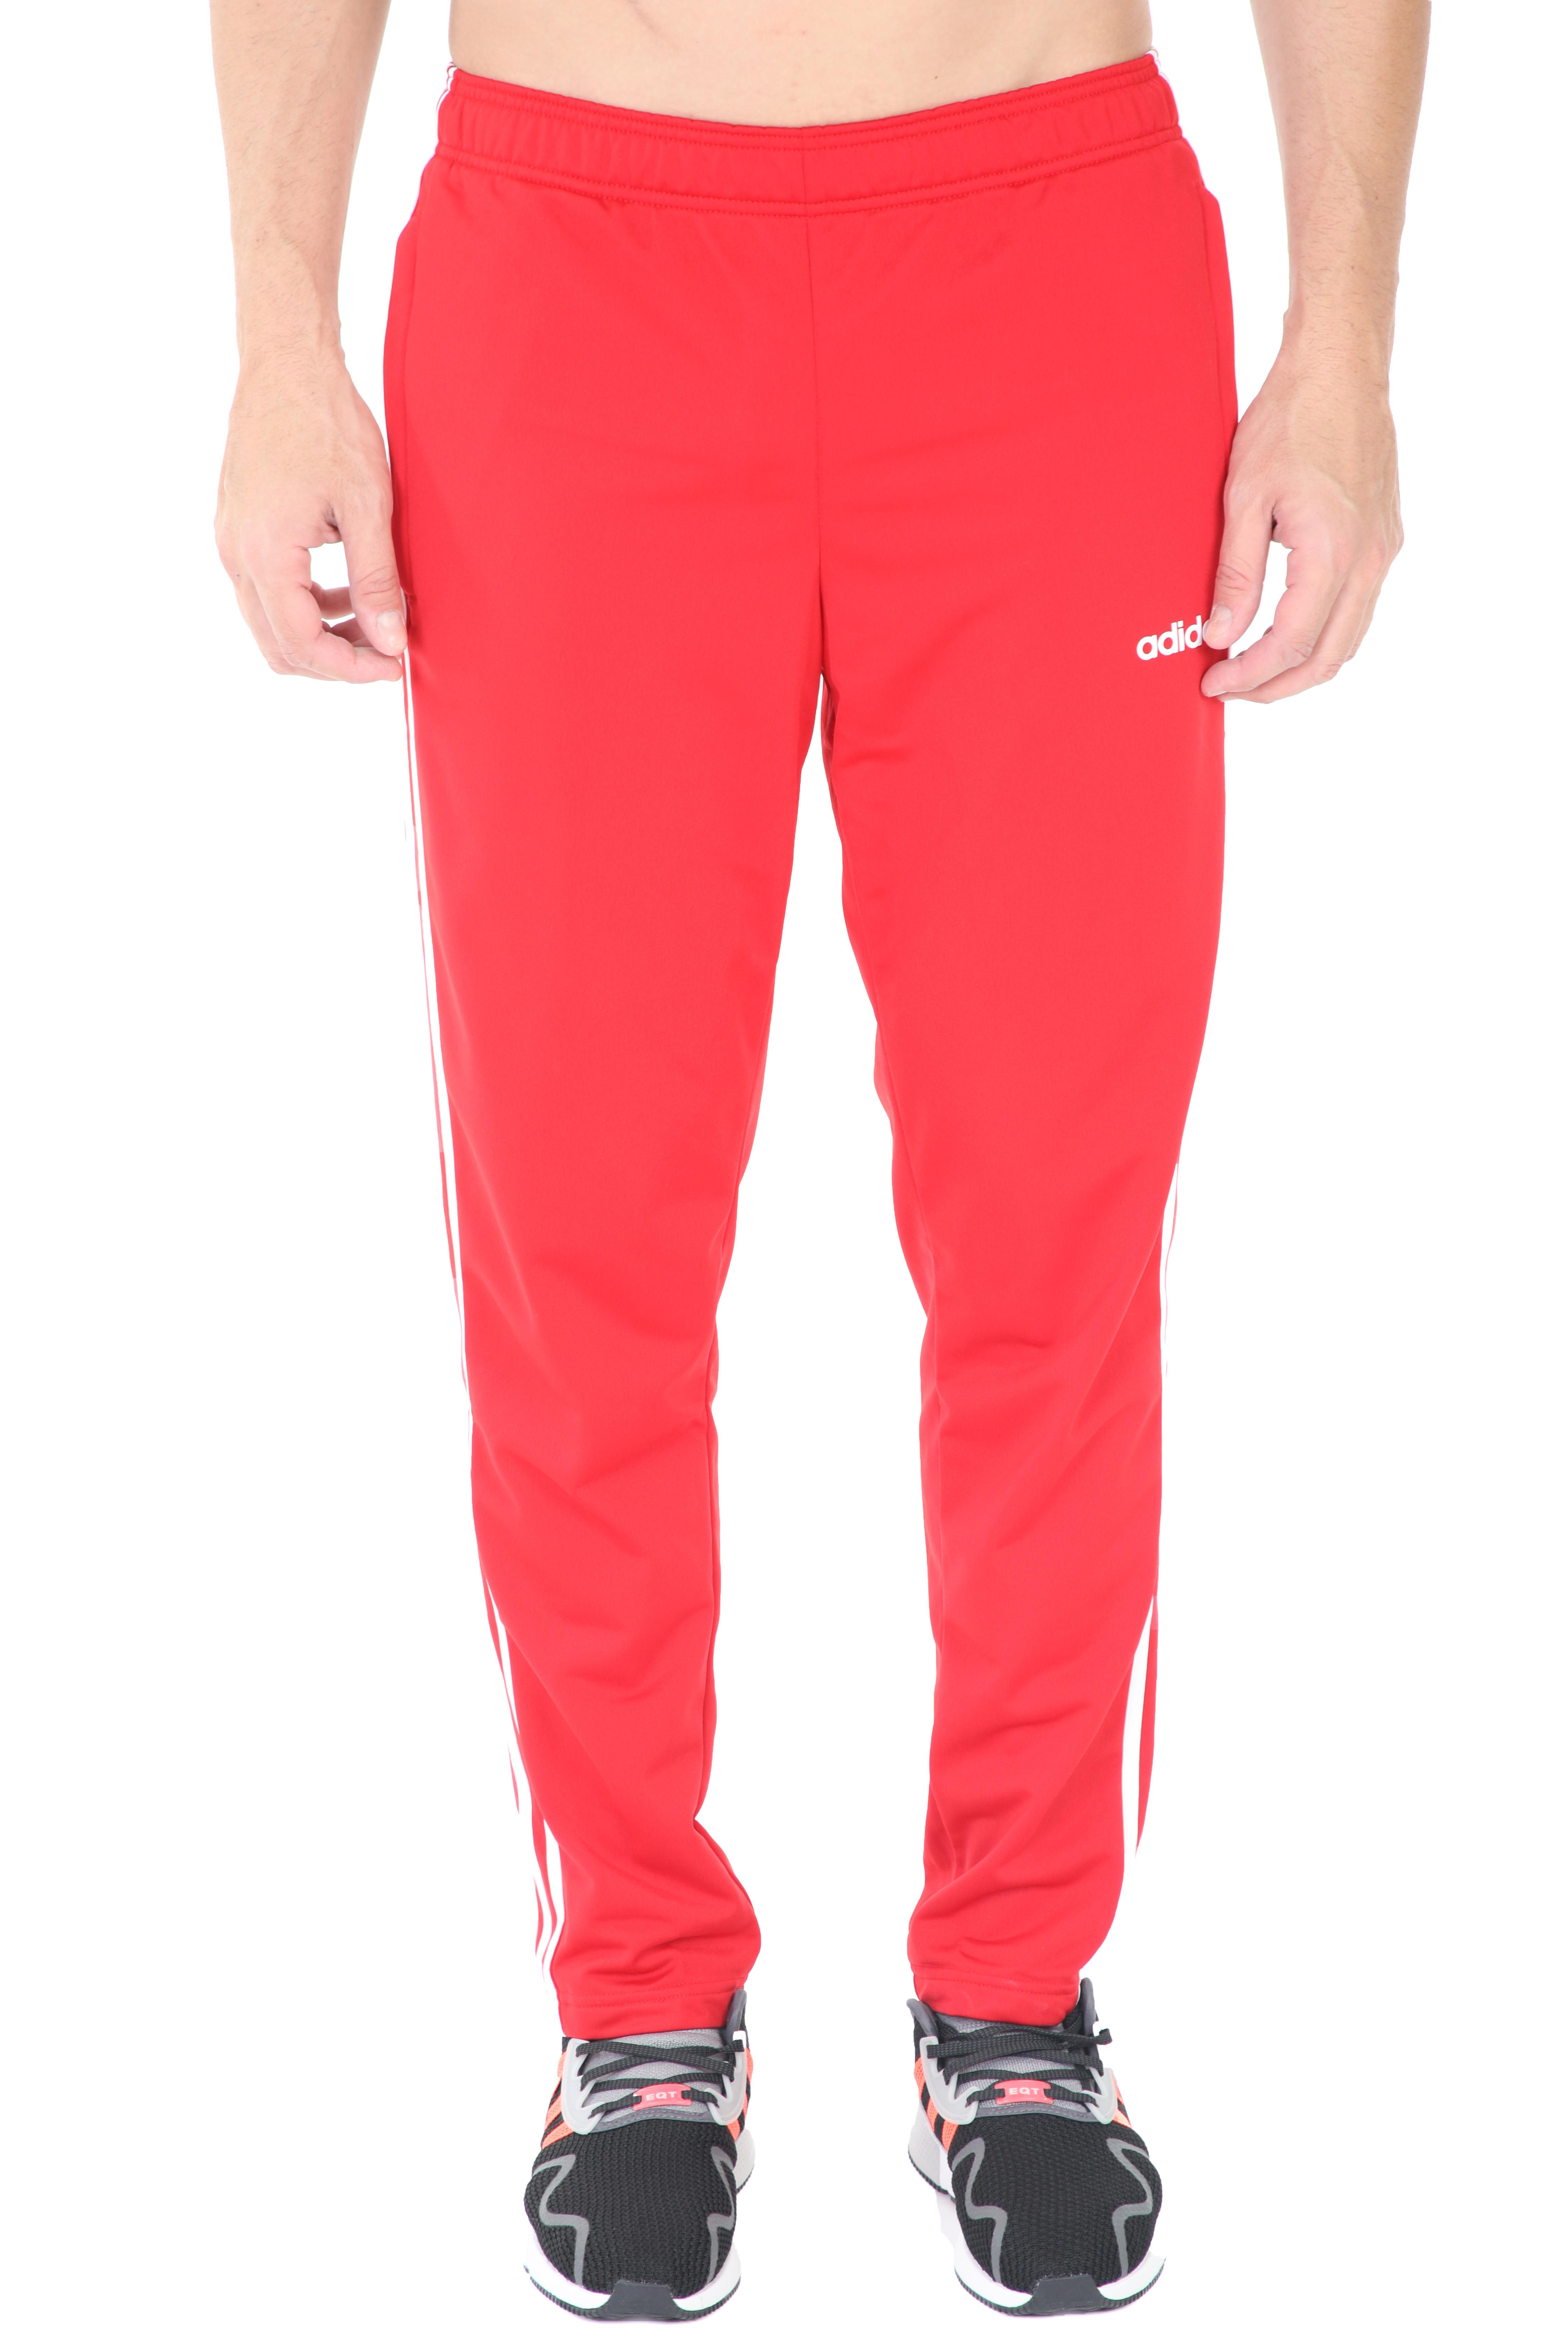 ADIDAS - Ανδρικό αθλητικό παντελόνι φόρμας adidas 3S T TRIC κόκκινο